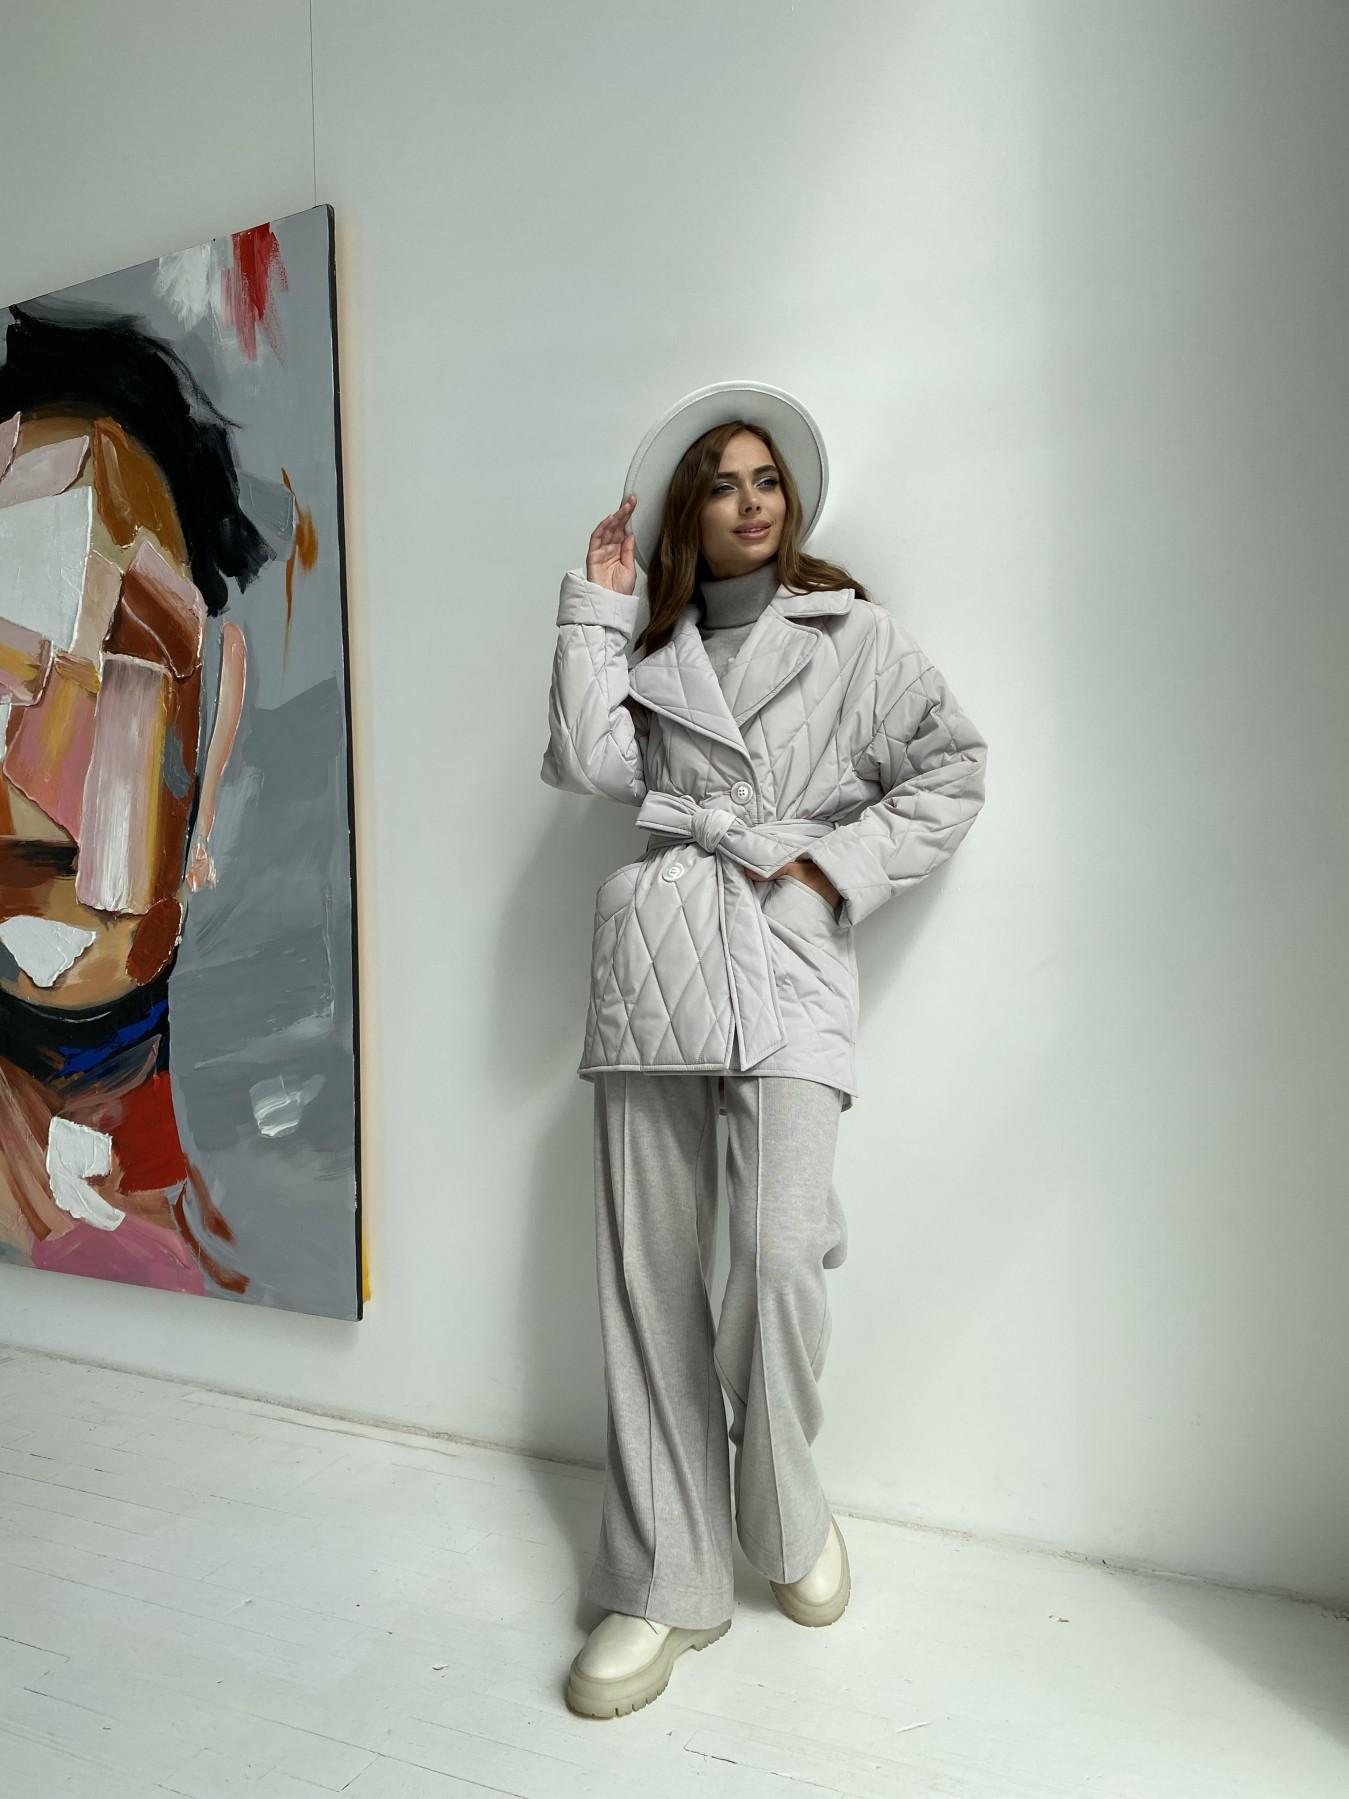 Норд стеганая куртка из плащеки 11770  АРТ. 48510 Цвет: Бежевый 971 - фото 6, интернет магазин tm-modus.ru